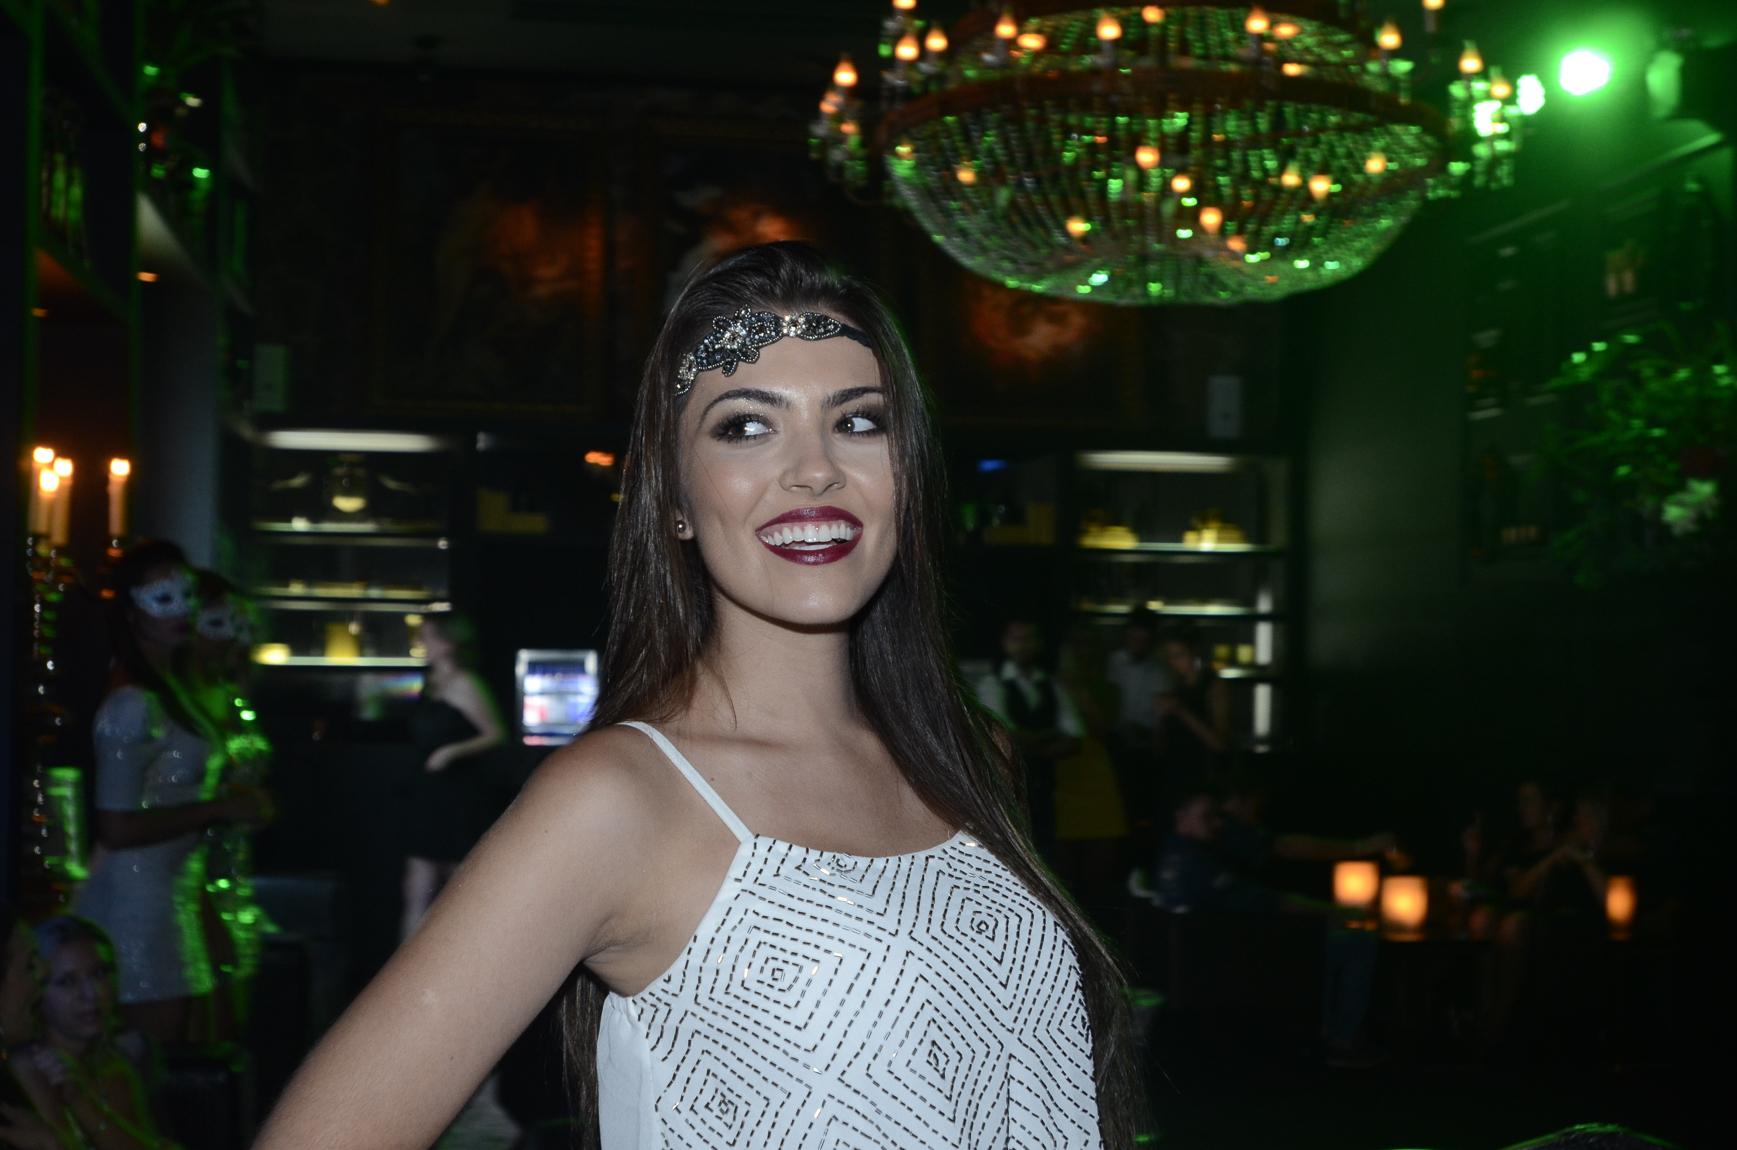 vitoria bisognin, miss brasil rainha internacional do cafe 2015, candidata a miss rio grande do sul universo 2017. 2a6iefom